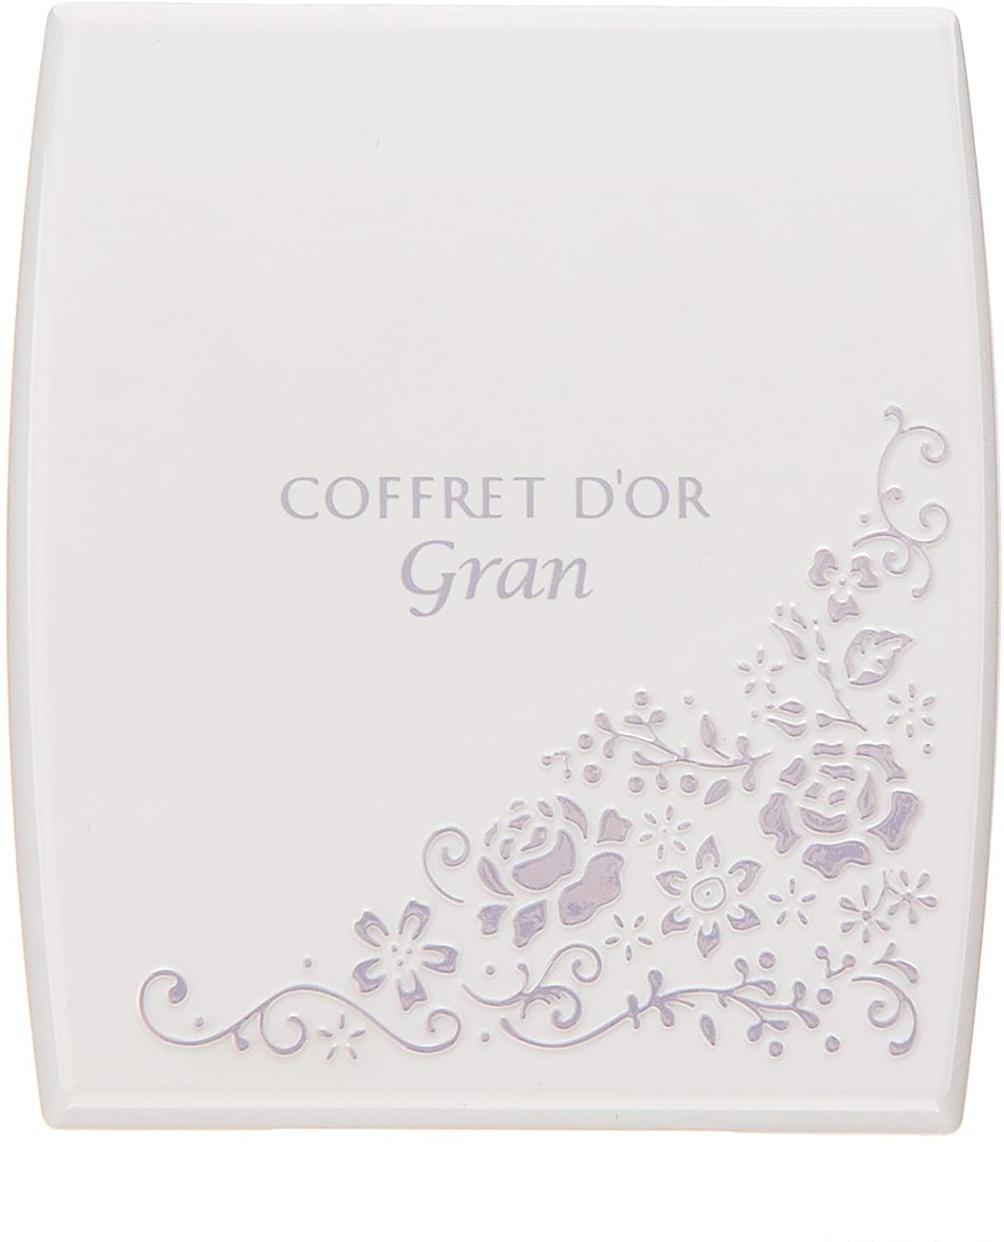 COFFRET D'OR(コフレドール) グラン カバーフィット パクトUV(ウォータープルーフ)の商品画像2